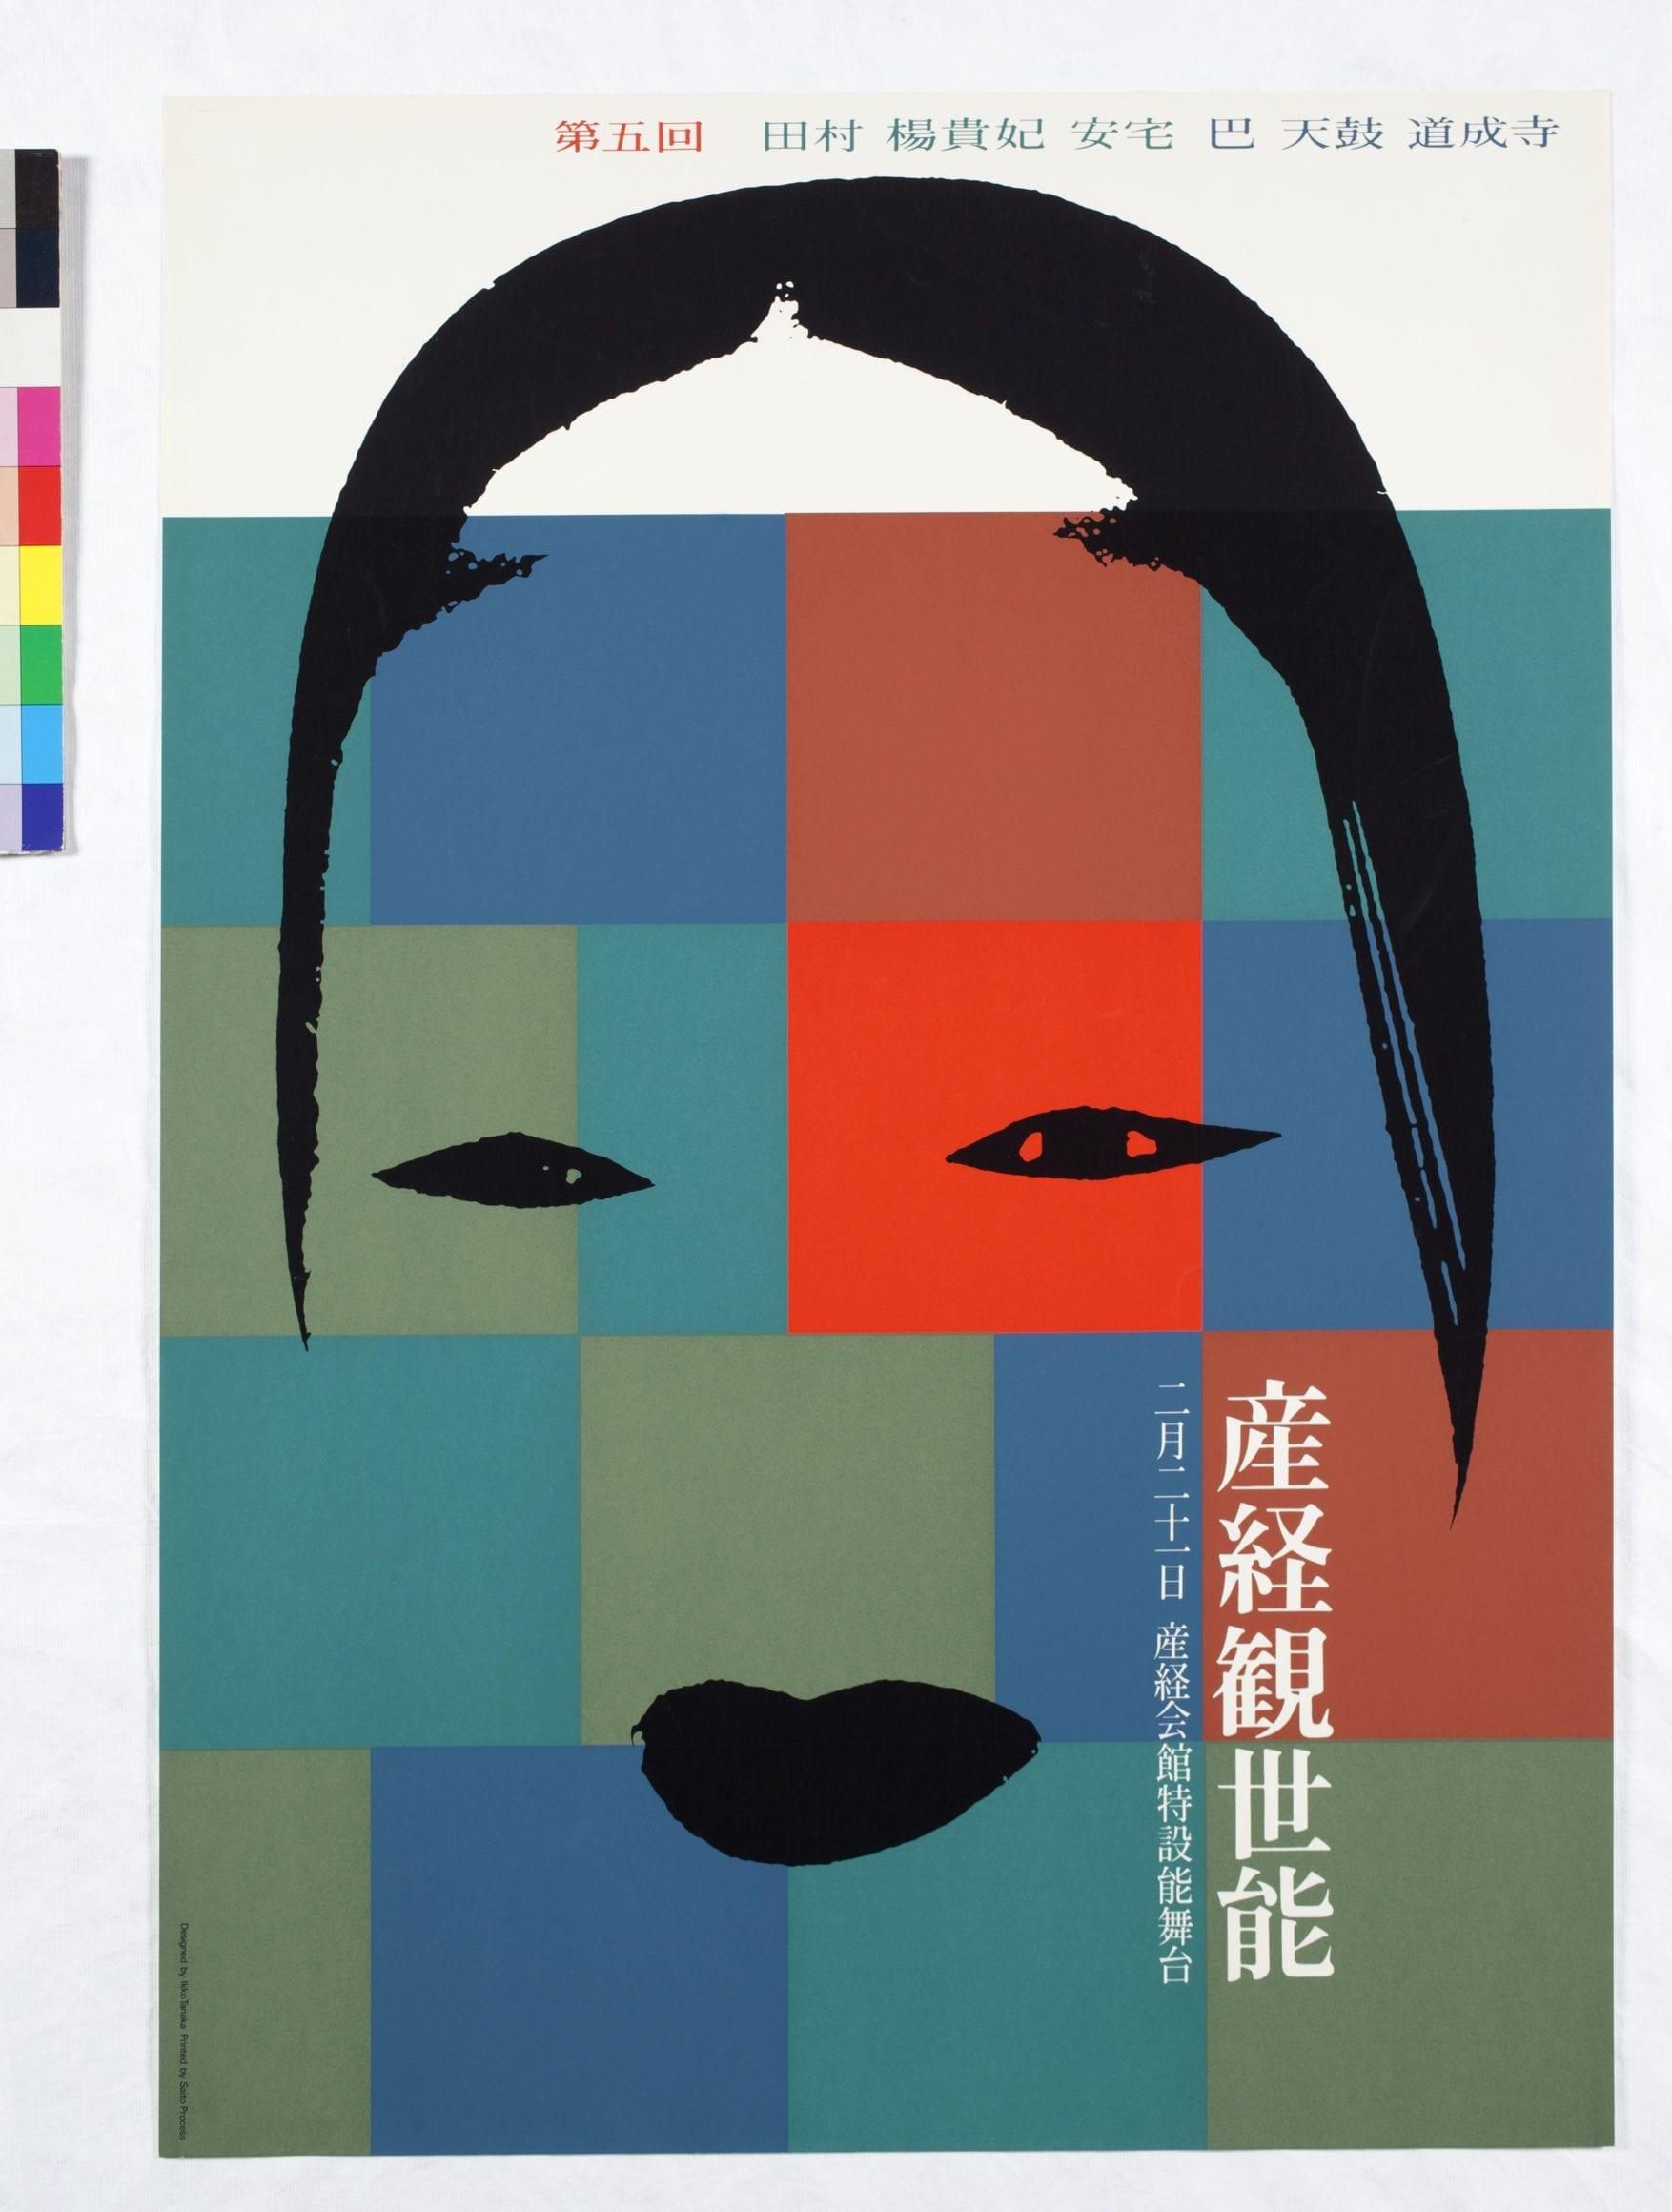 tanakathj 36 - Farebné Japonsko prezentujú inšpiratívne plagáty